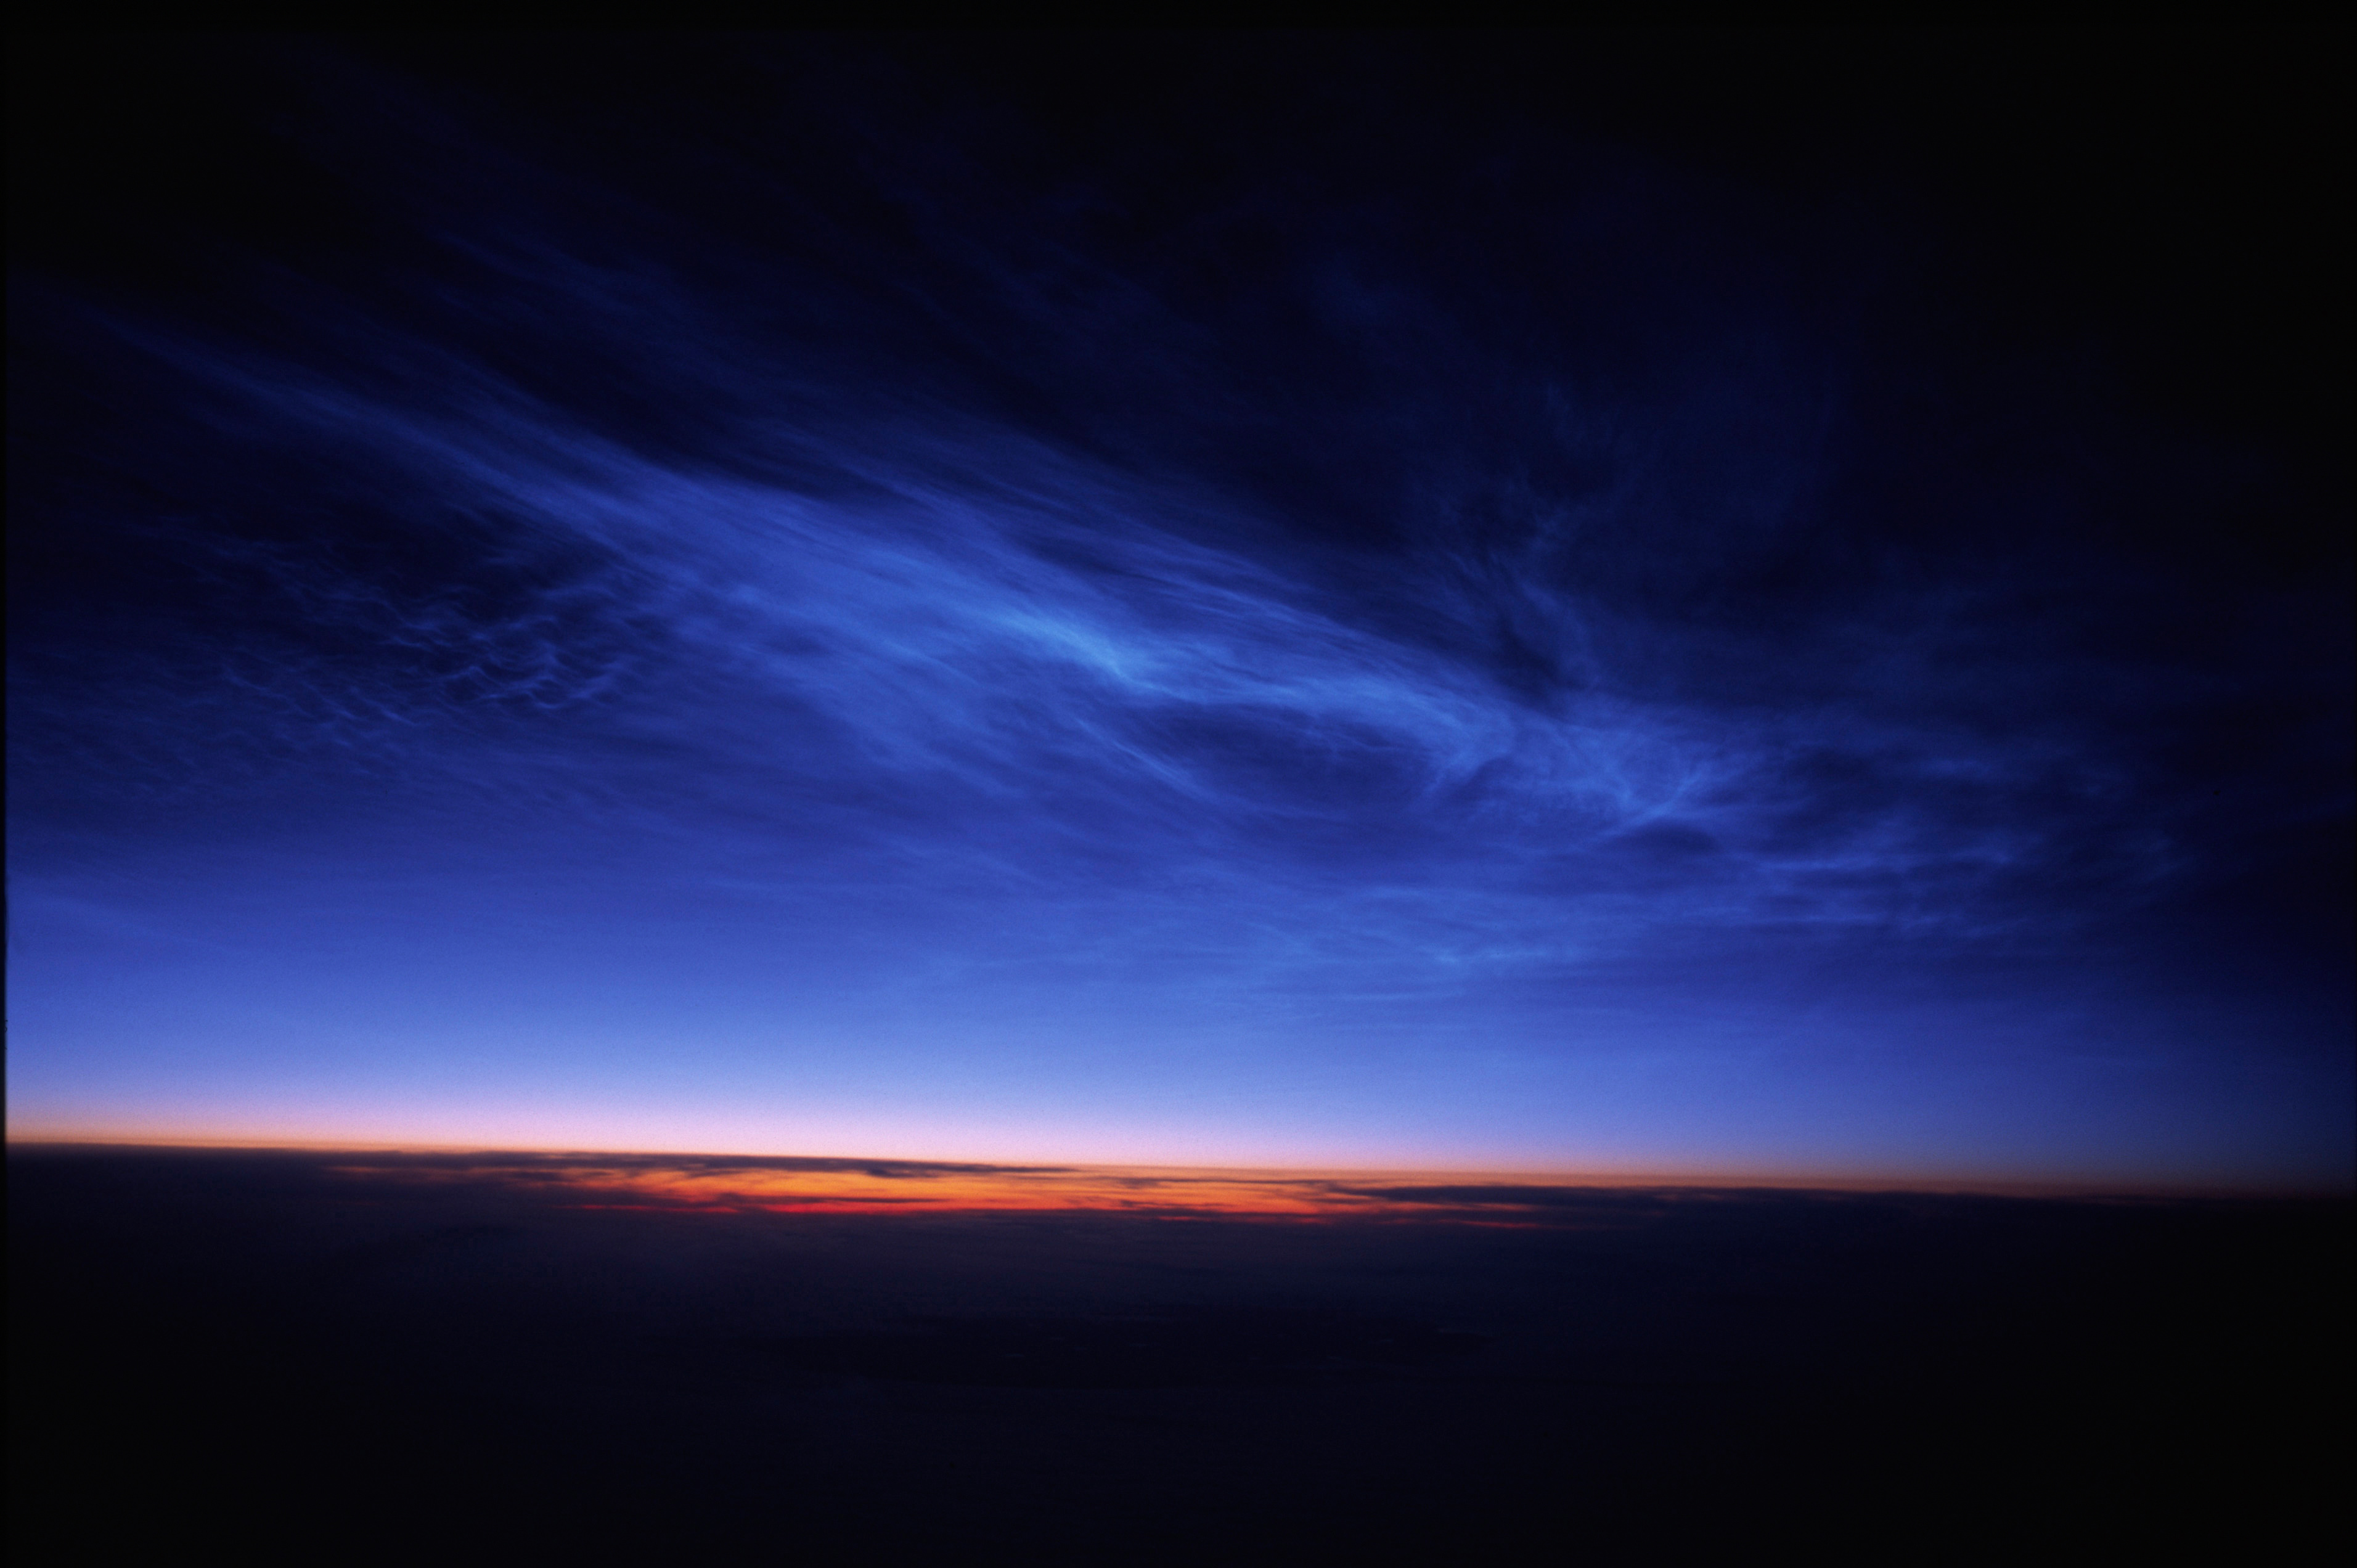 NASA - Noctilucent Clouds